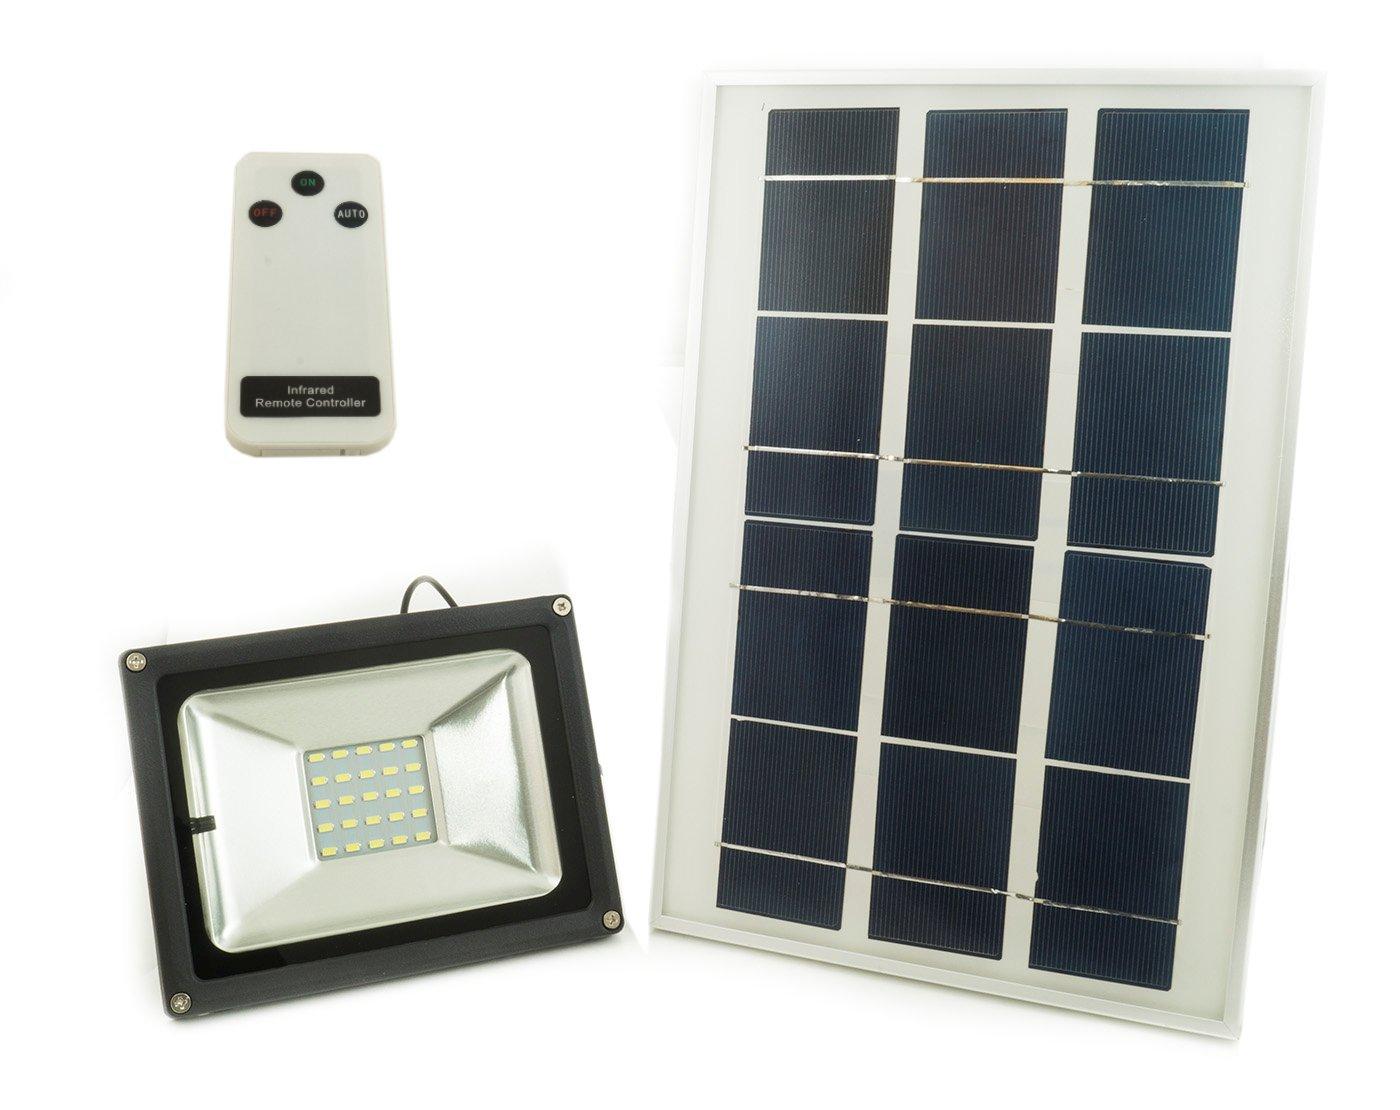 Plafoniere Con Pannello Solare : Bes faretto led smd w pannello solare energia